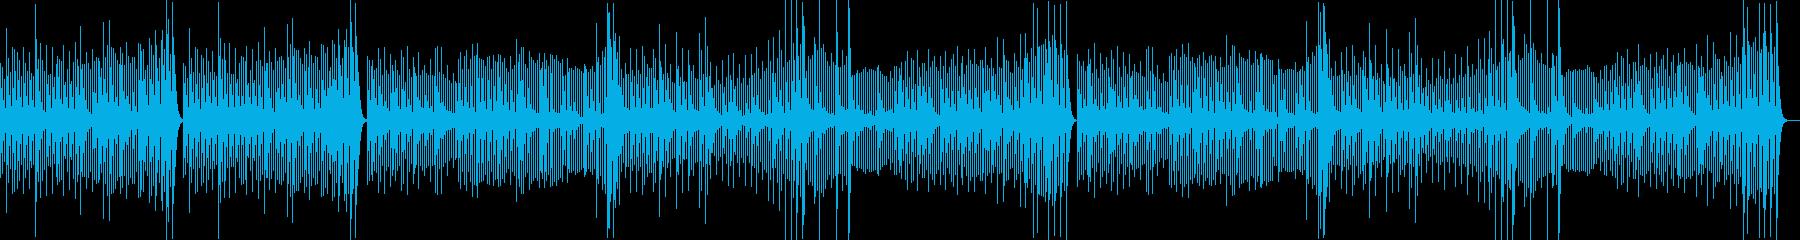 調理シーン向けのクラシック曲02の再生済みの波形